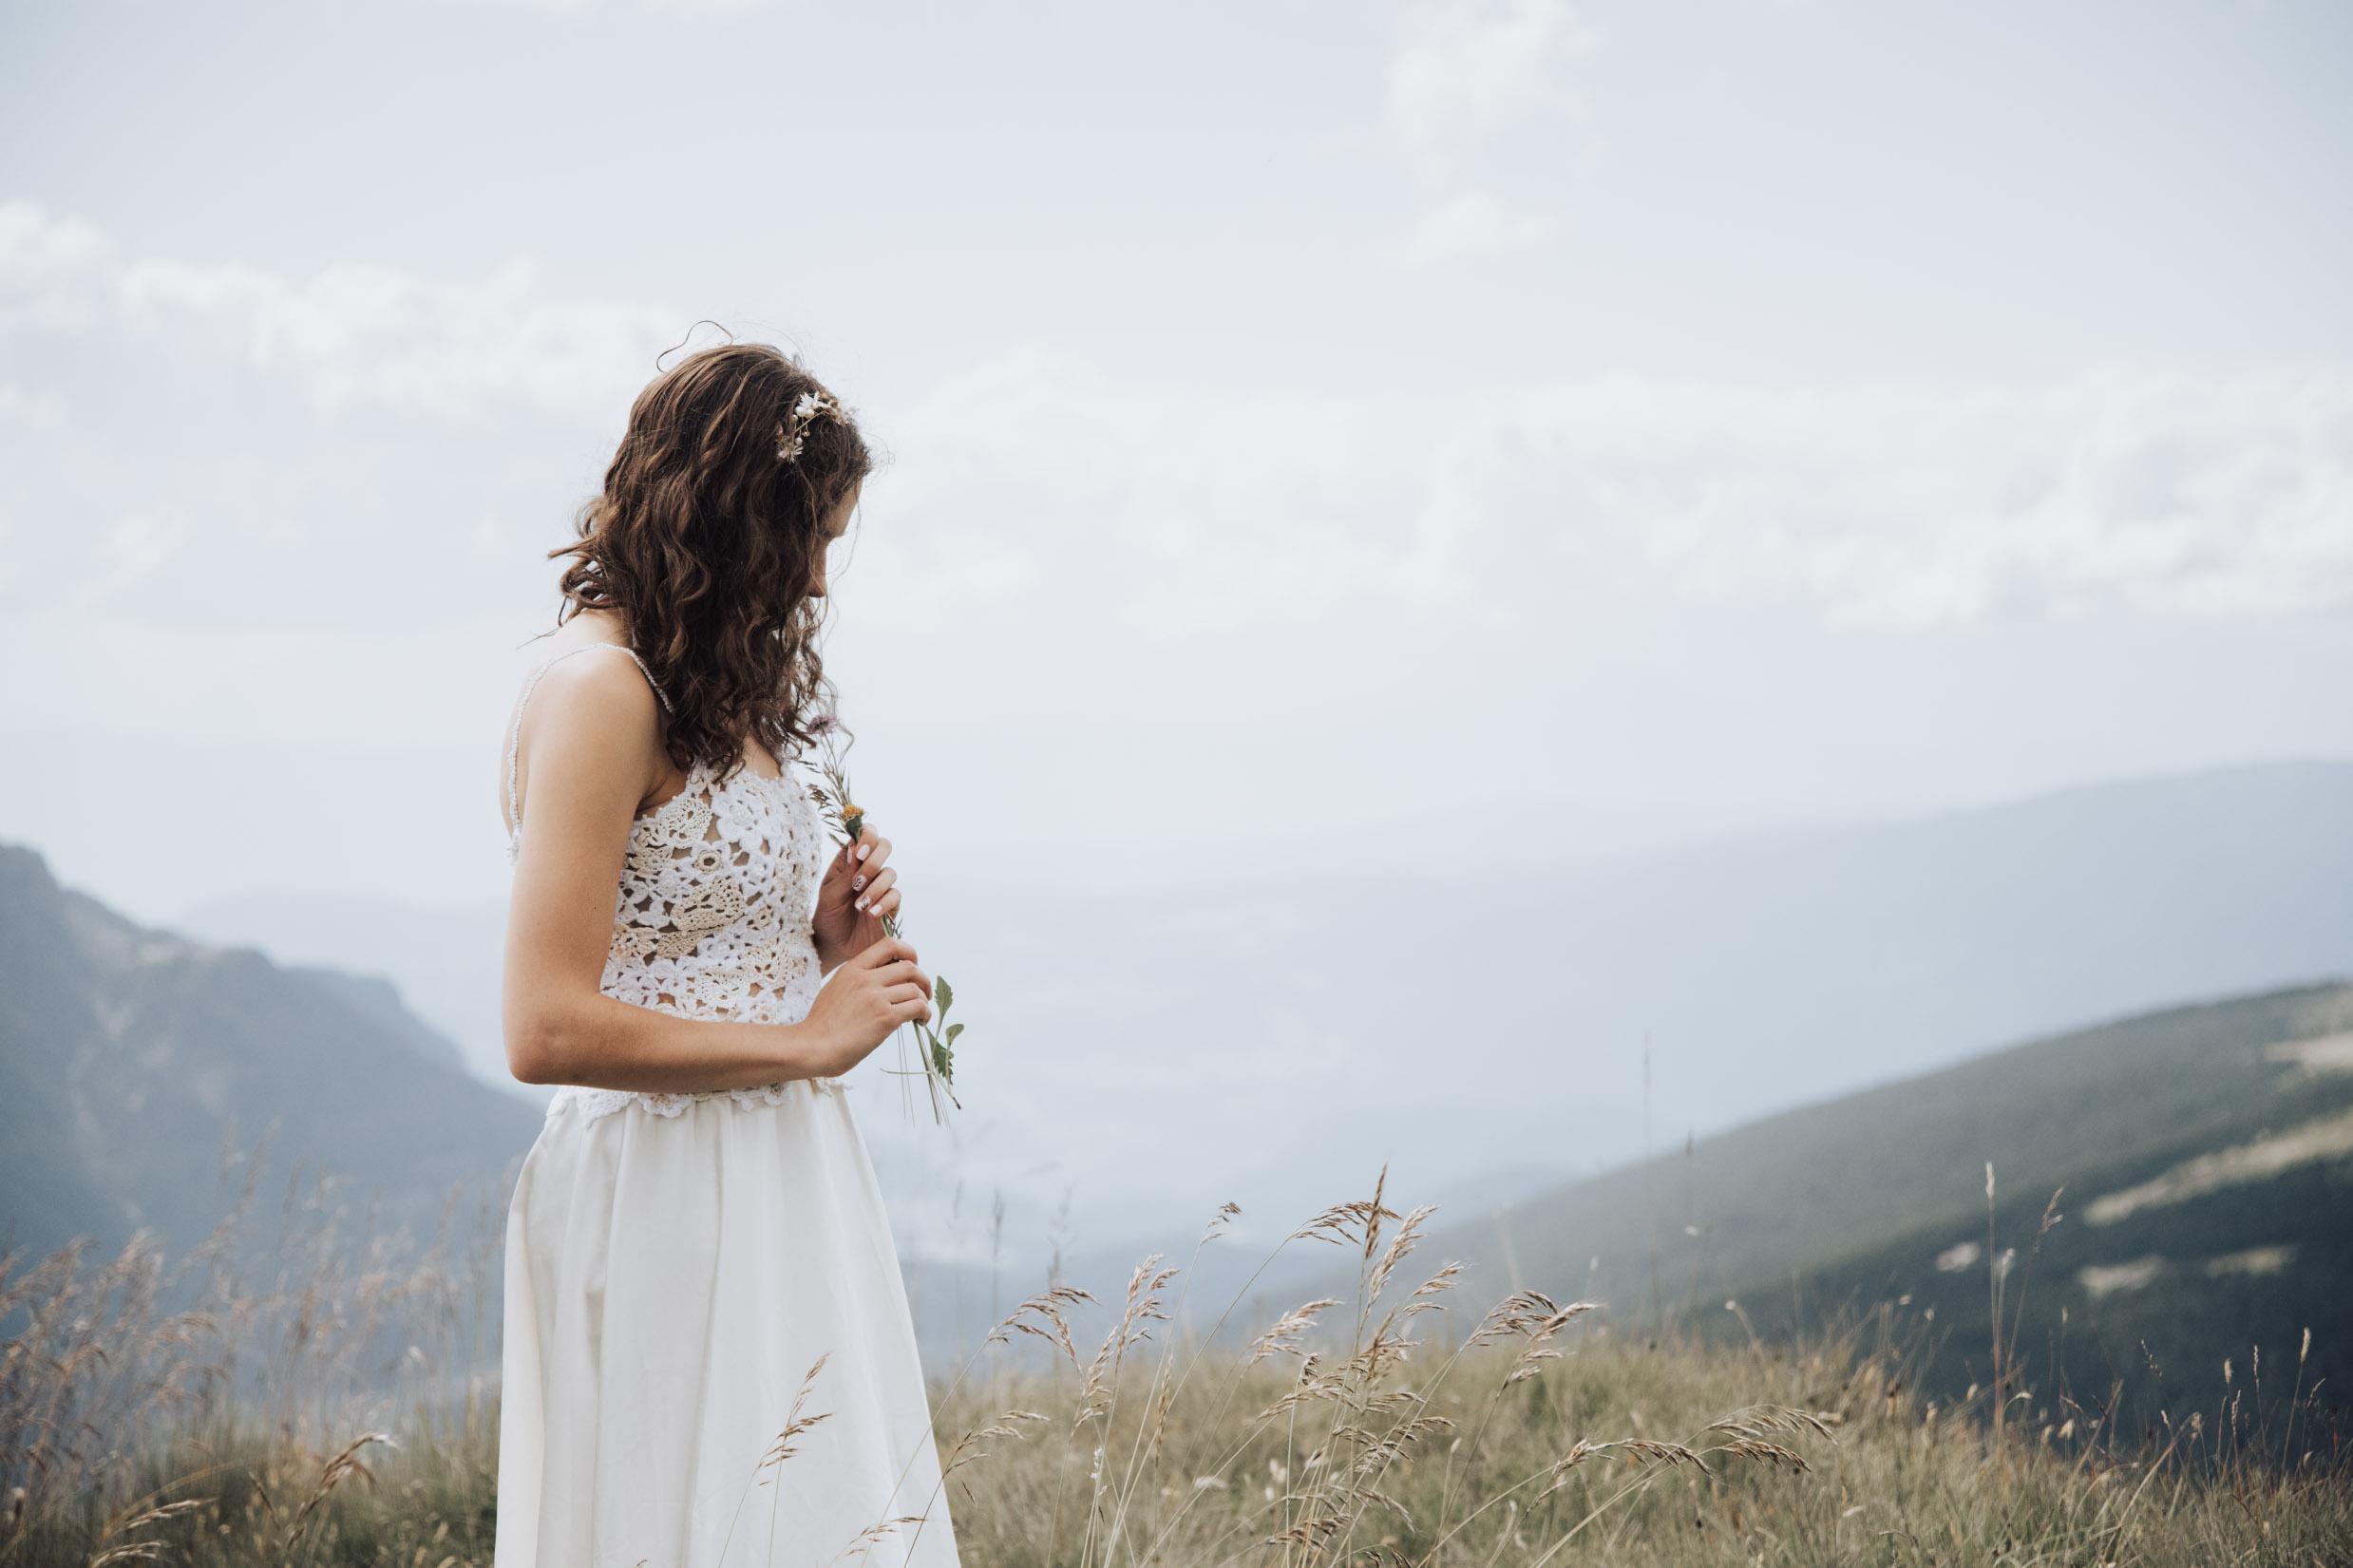 Bridal shoot at Seceda    View